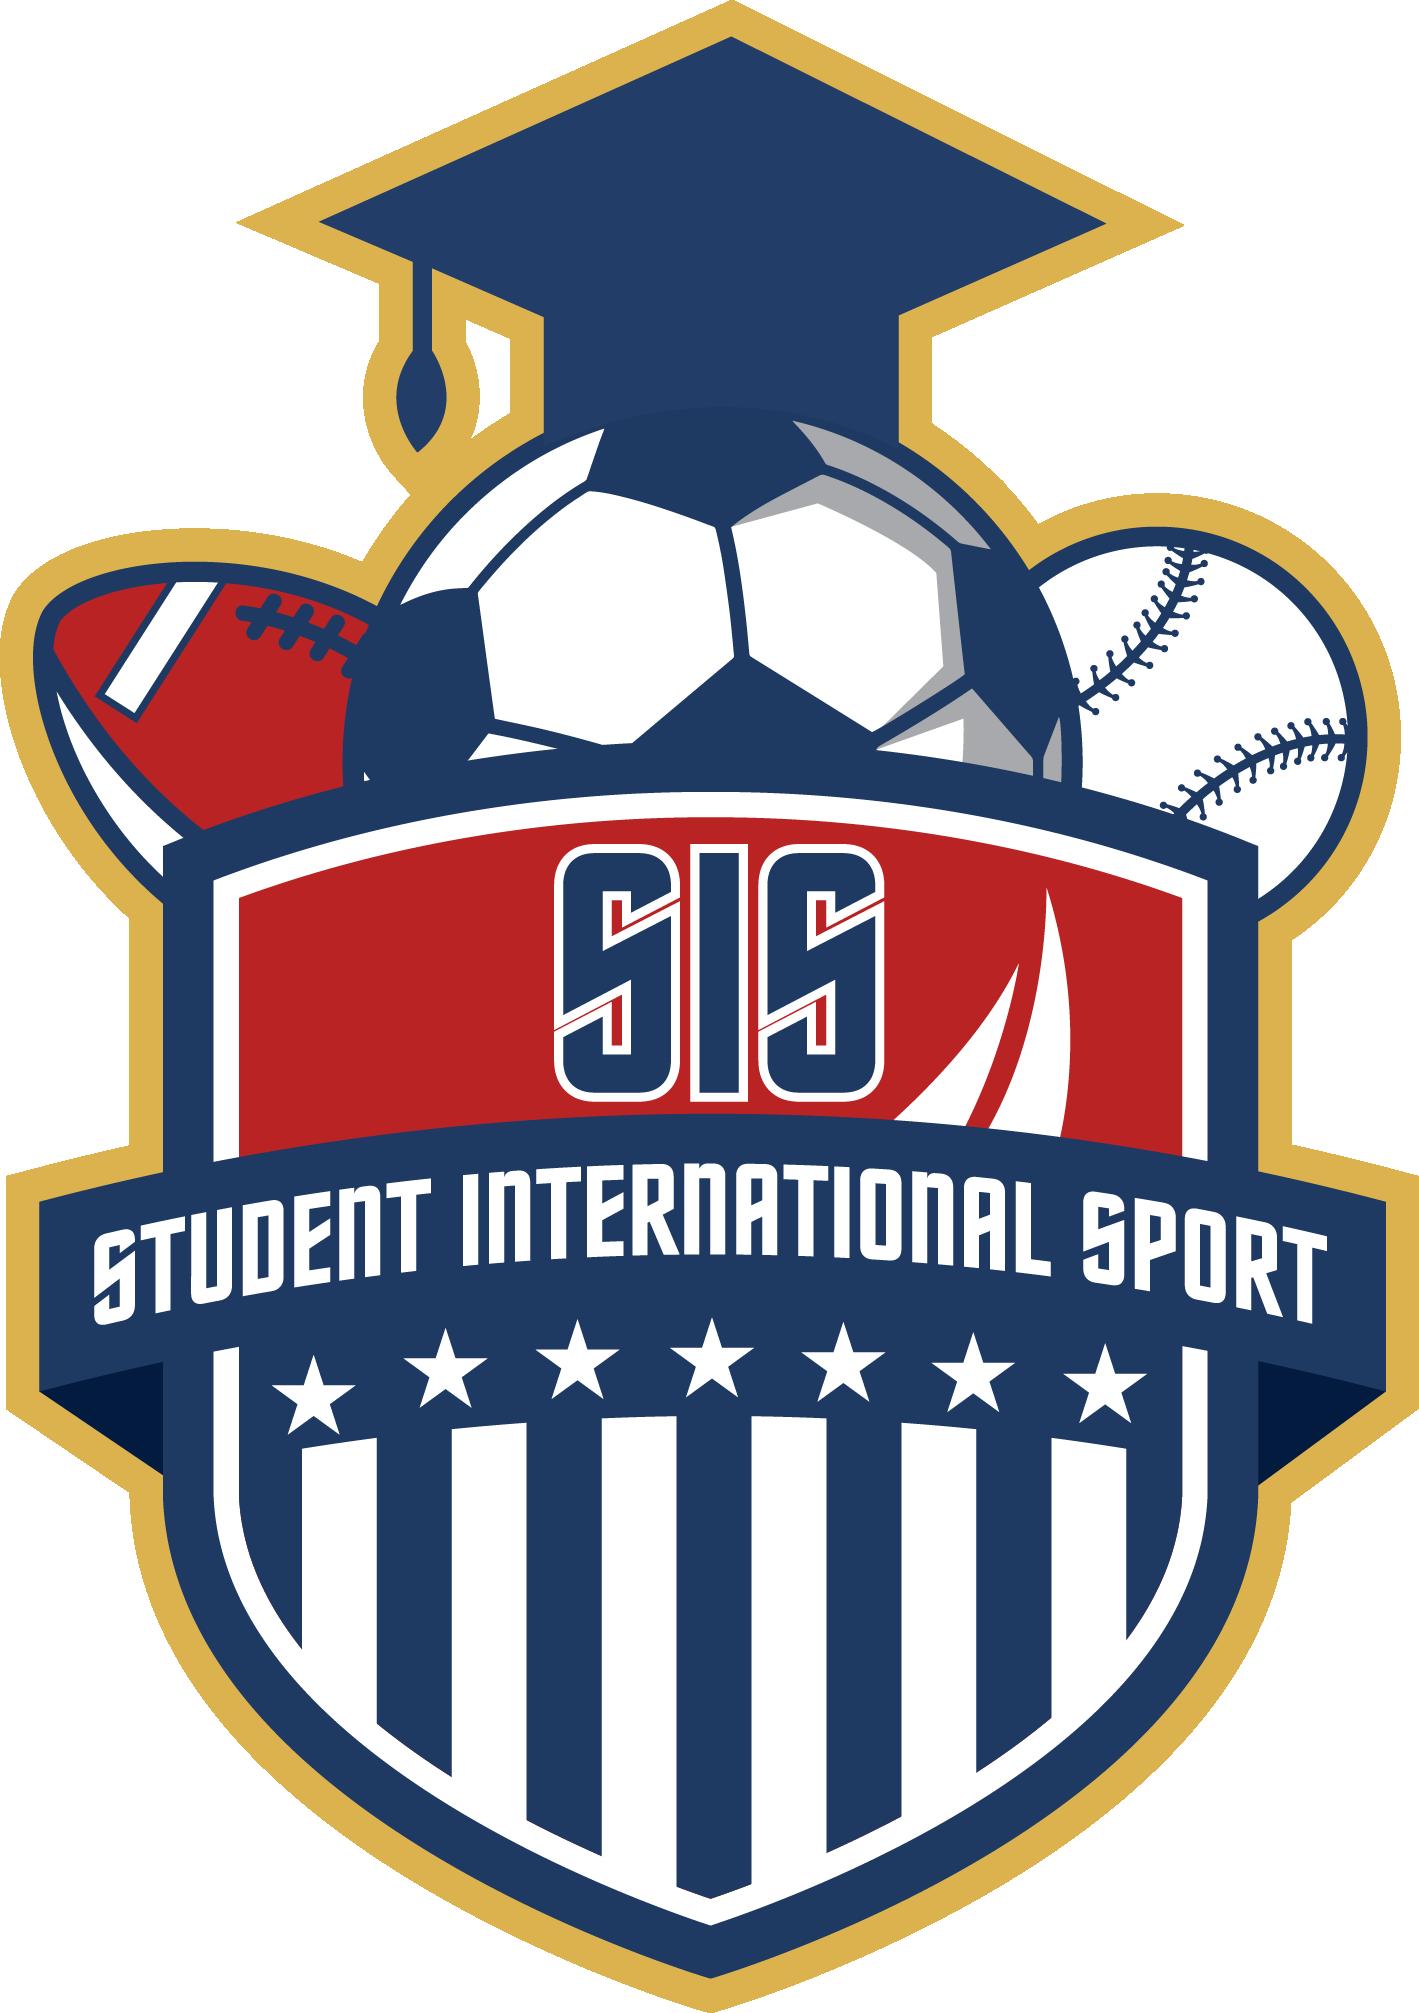 Qué hablan de nosotros en Mexico? Student International Sport